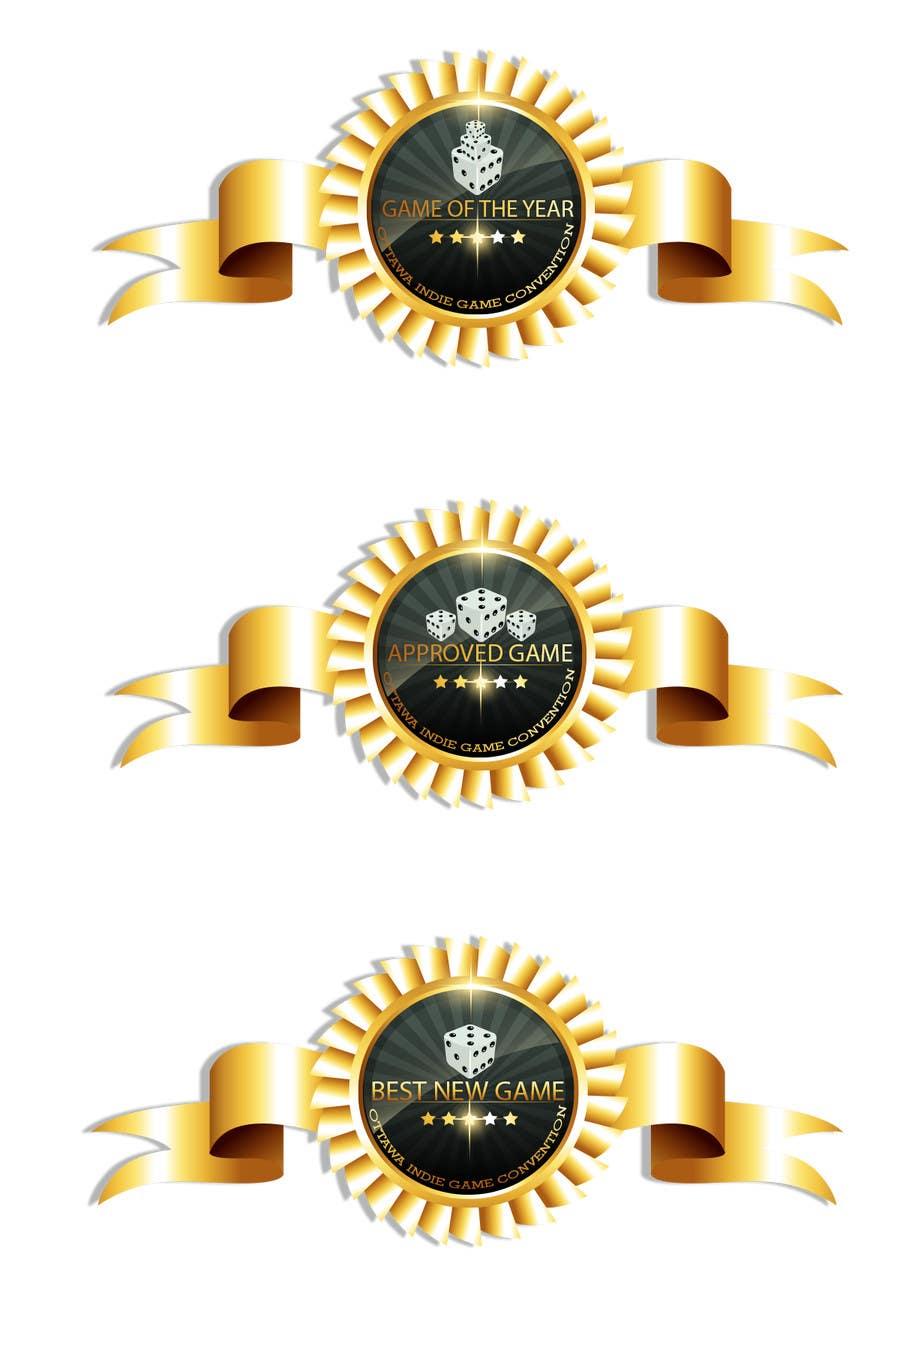 Inscrição nº 37 do Concurso para I need some Graphic Design for Award Badges